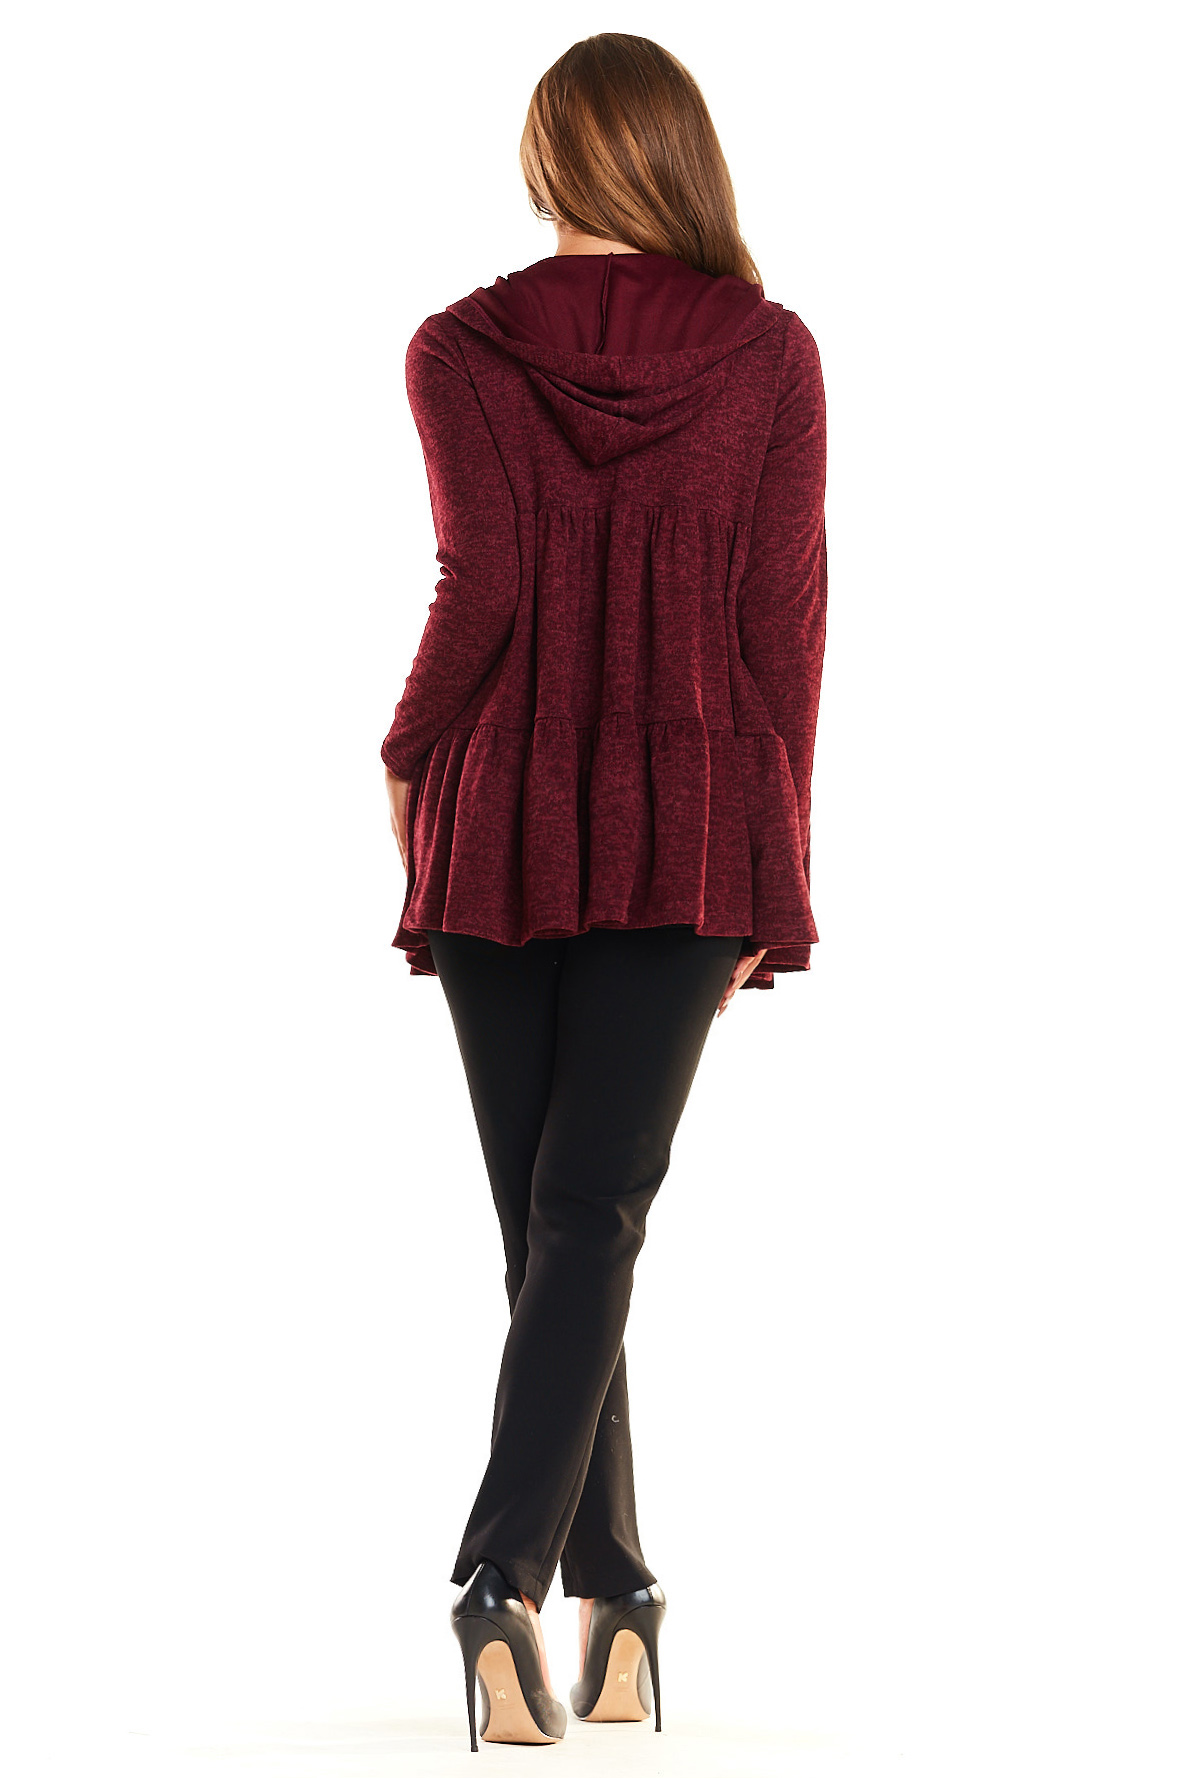 CM4023 Sweter - narzutka z kapturem - bordowy